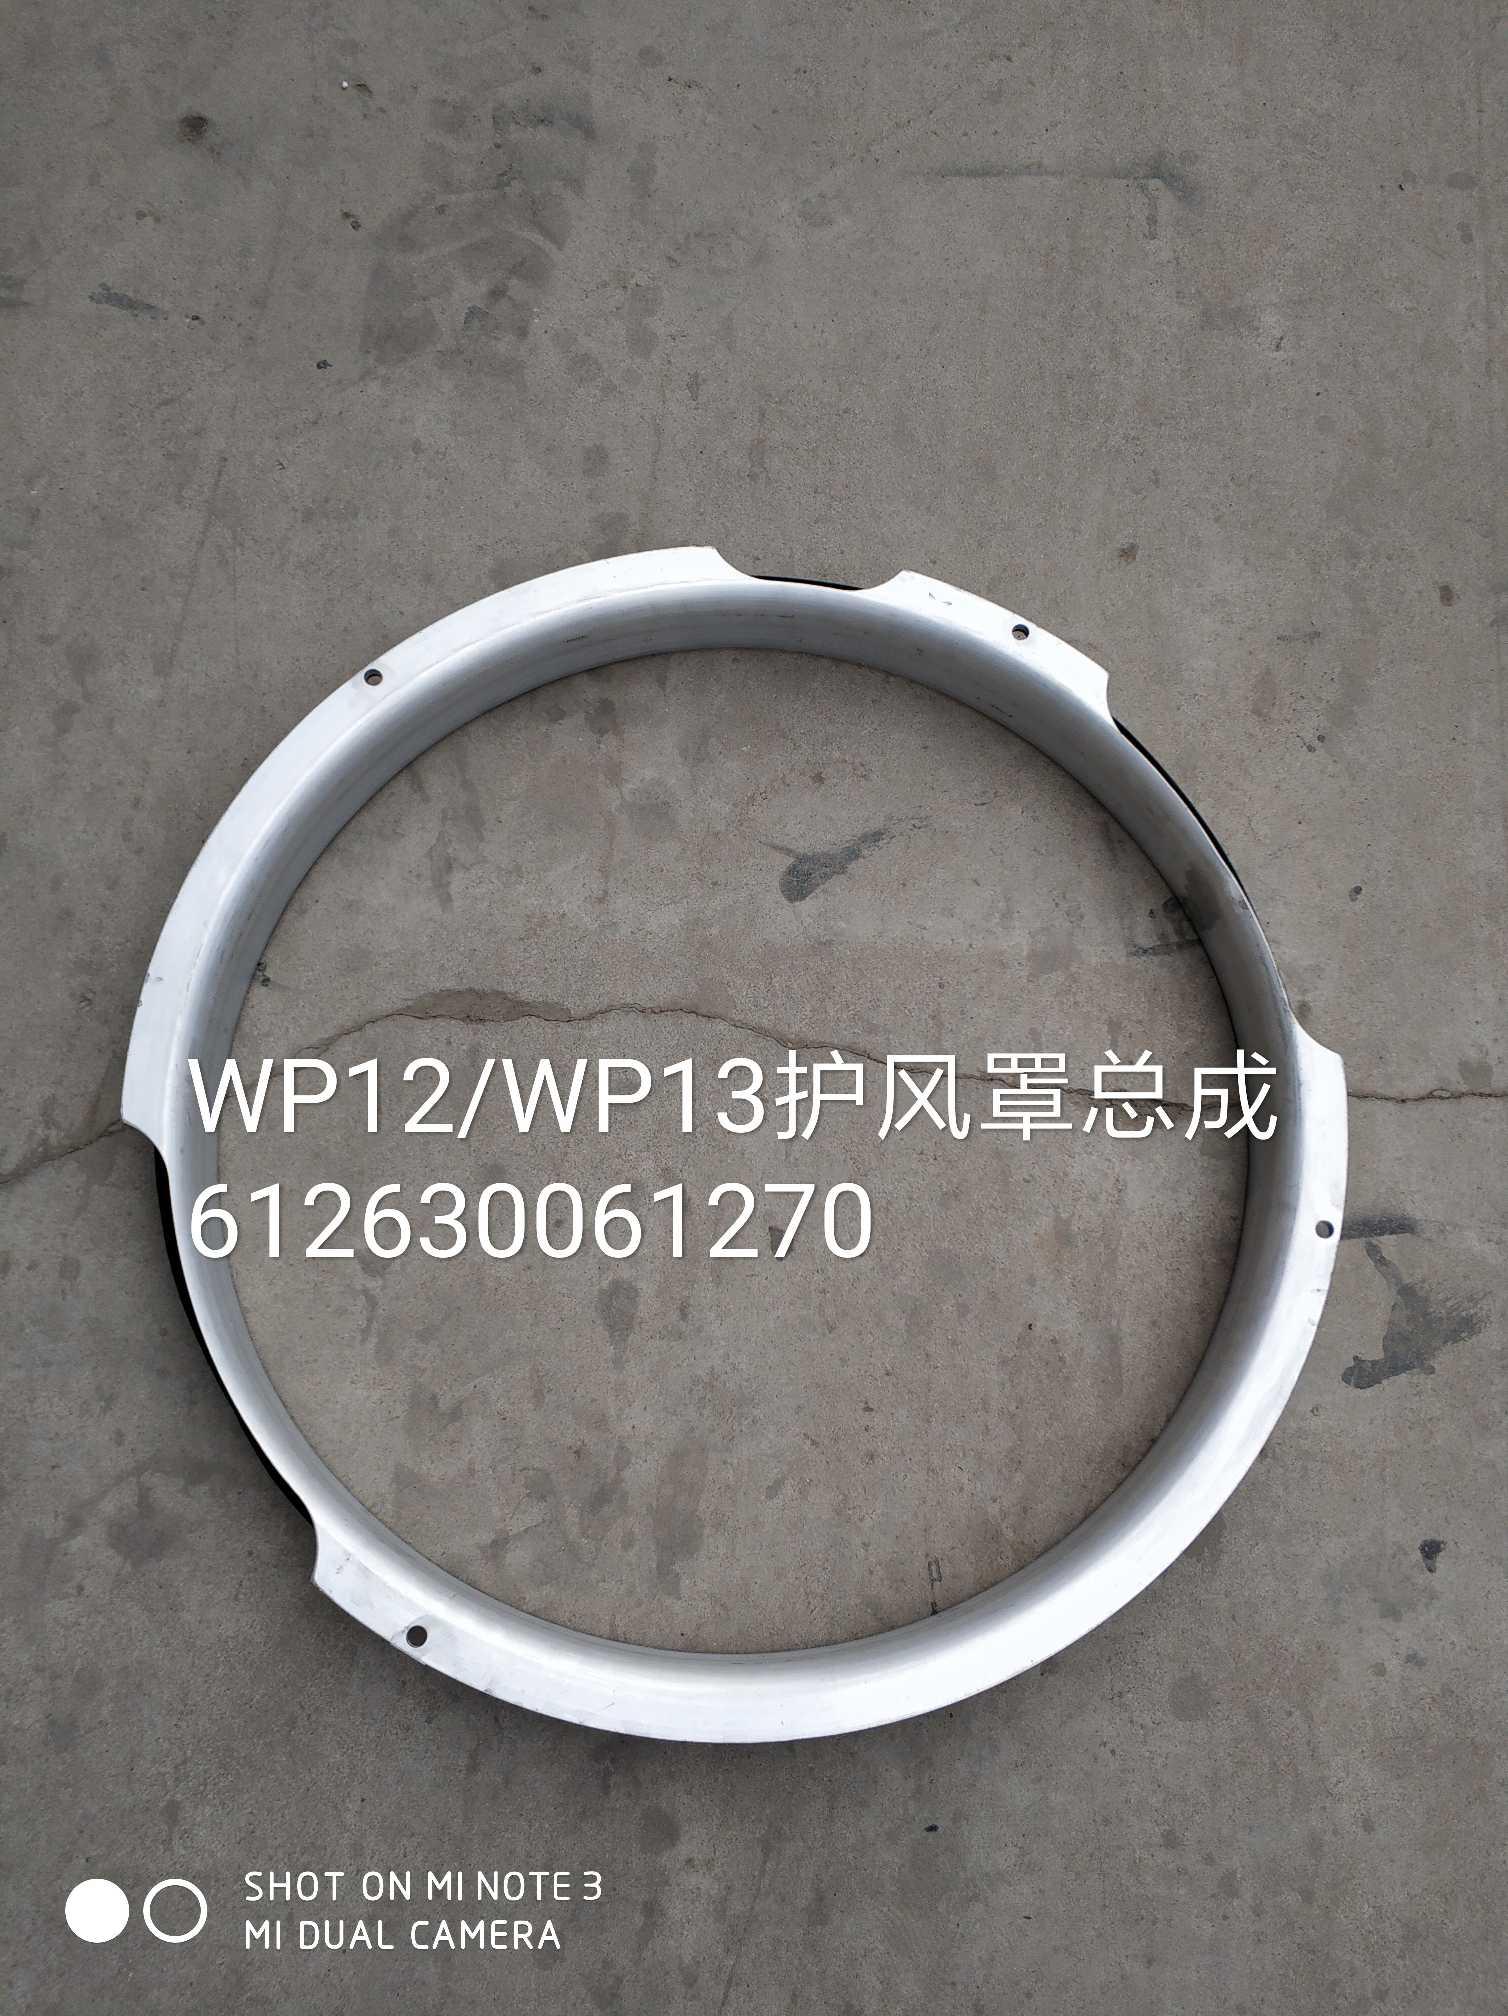 WP12/WP13护风罩总成612630061270